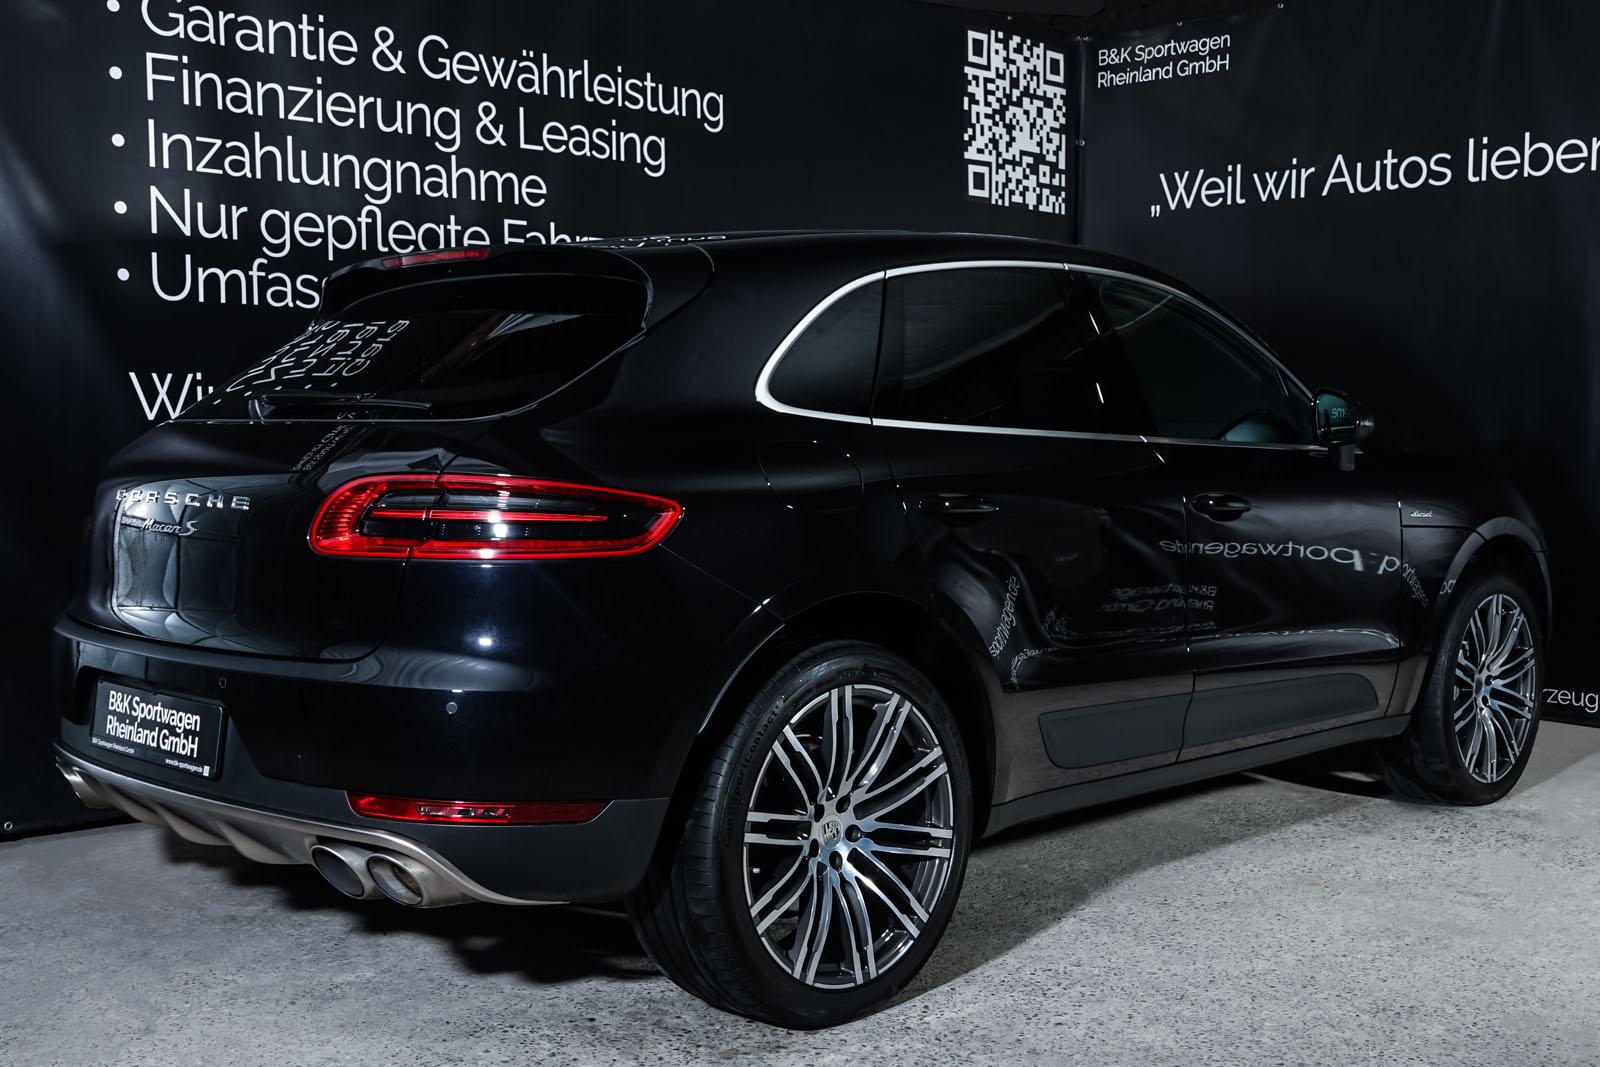 Porsche_Macan_S_Tiefschwarz_Schwarz_POR-1108_17_w